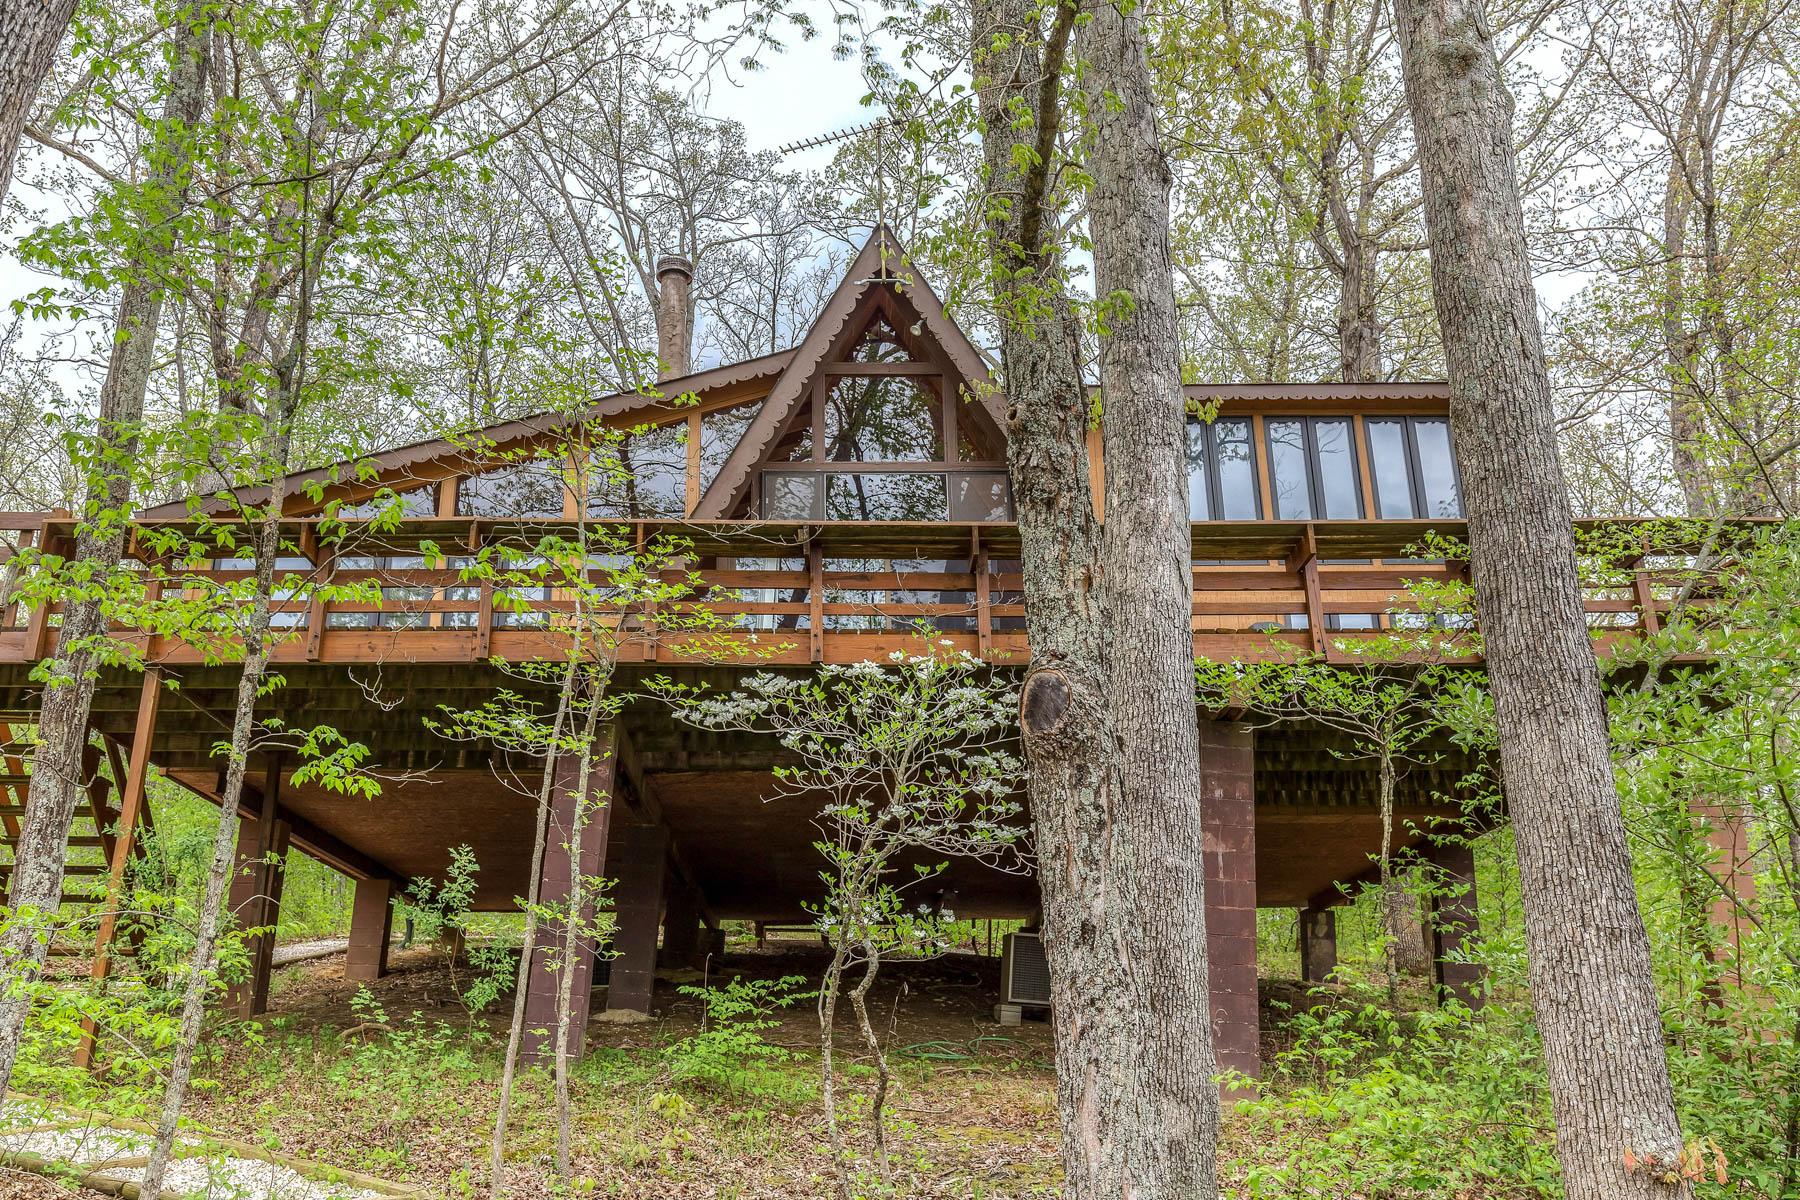 Single Family Home for Sale at Castelenova Dr 213 Castelenovo Dr Innsbrook, Missouri, 63390 United States